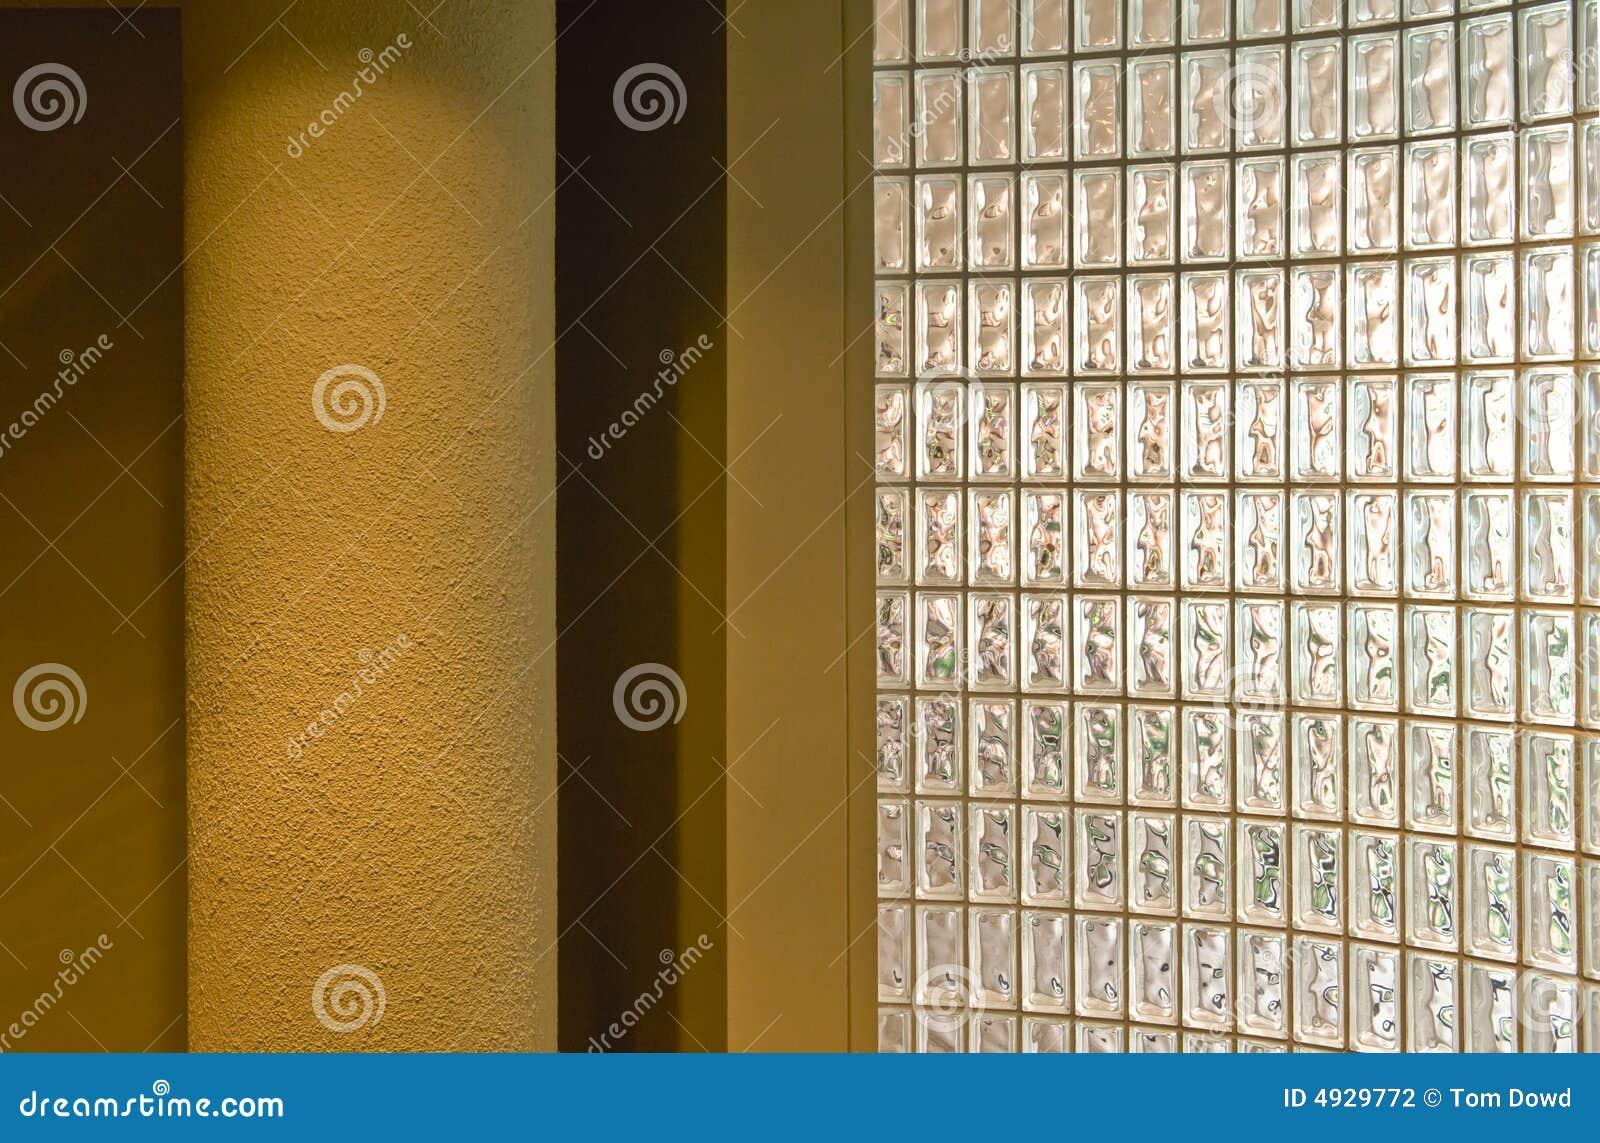 Imagens de #64480B Parede Do Bloco De Vidro Fotografia de Stock Imagem: 4929772 1300x946 px 3344 Bloco De Vidro No Banheiro